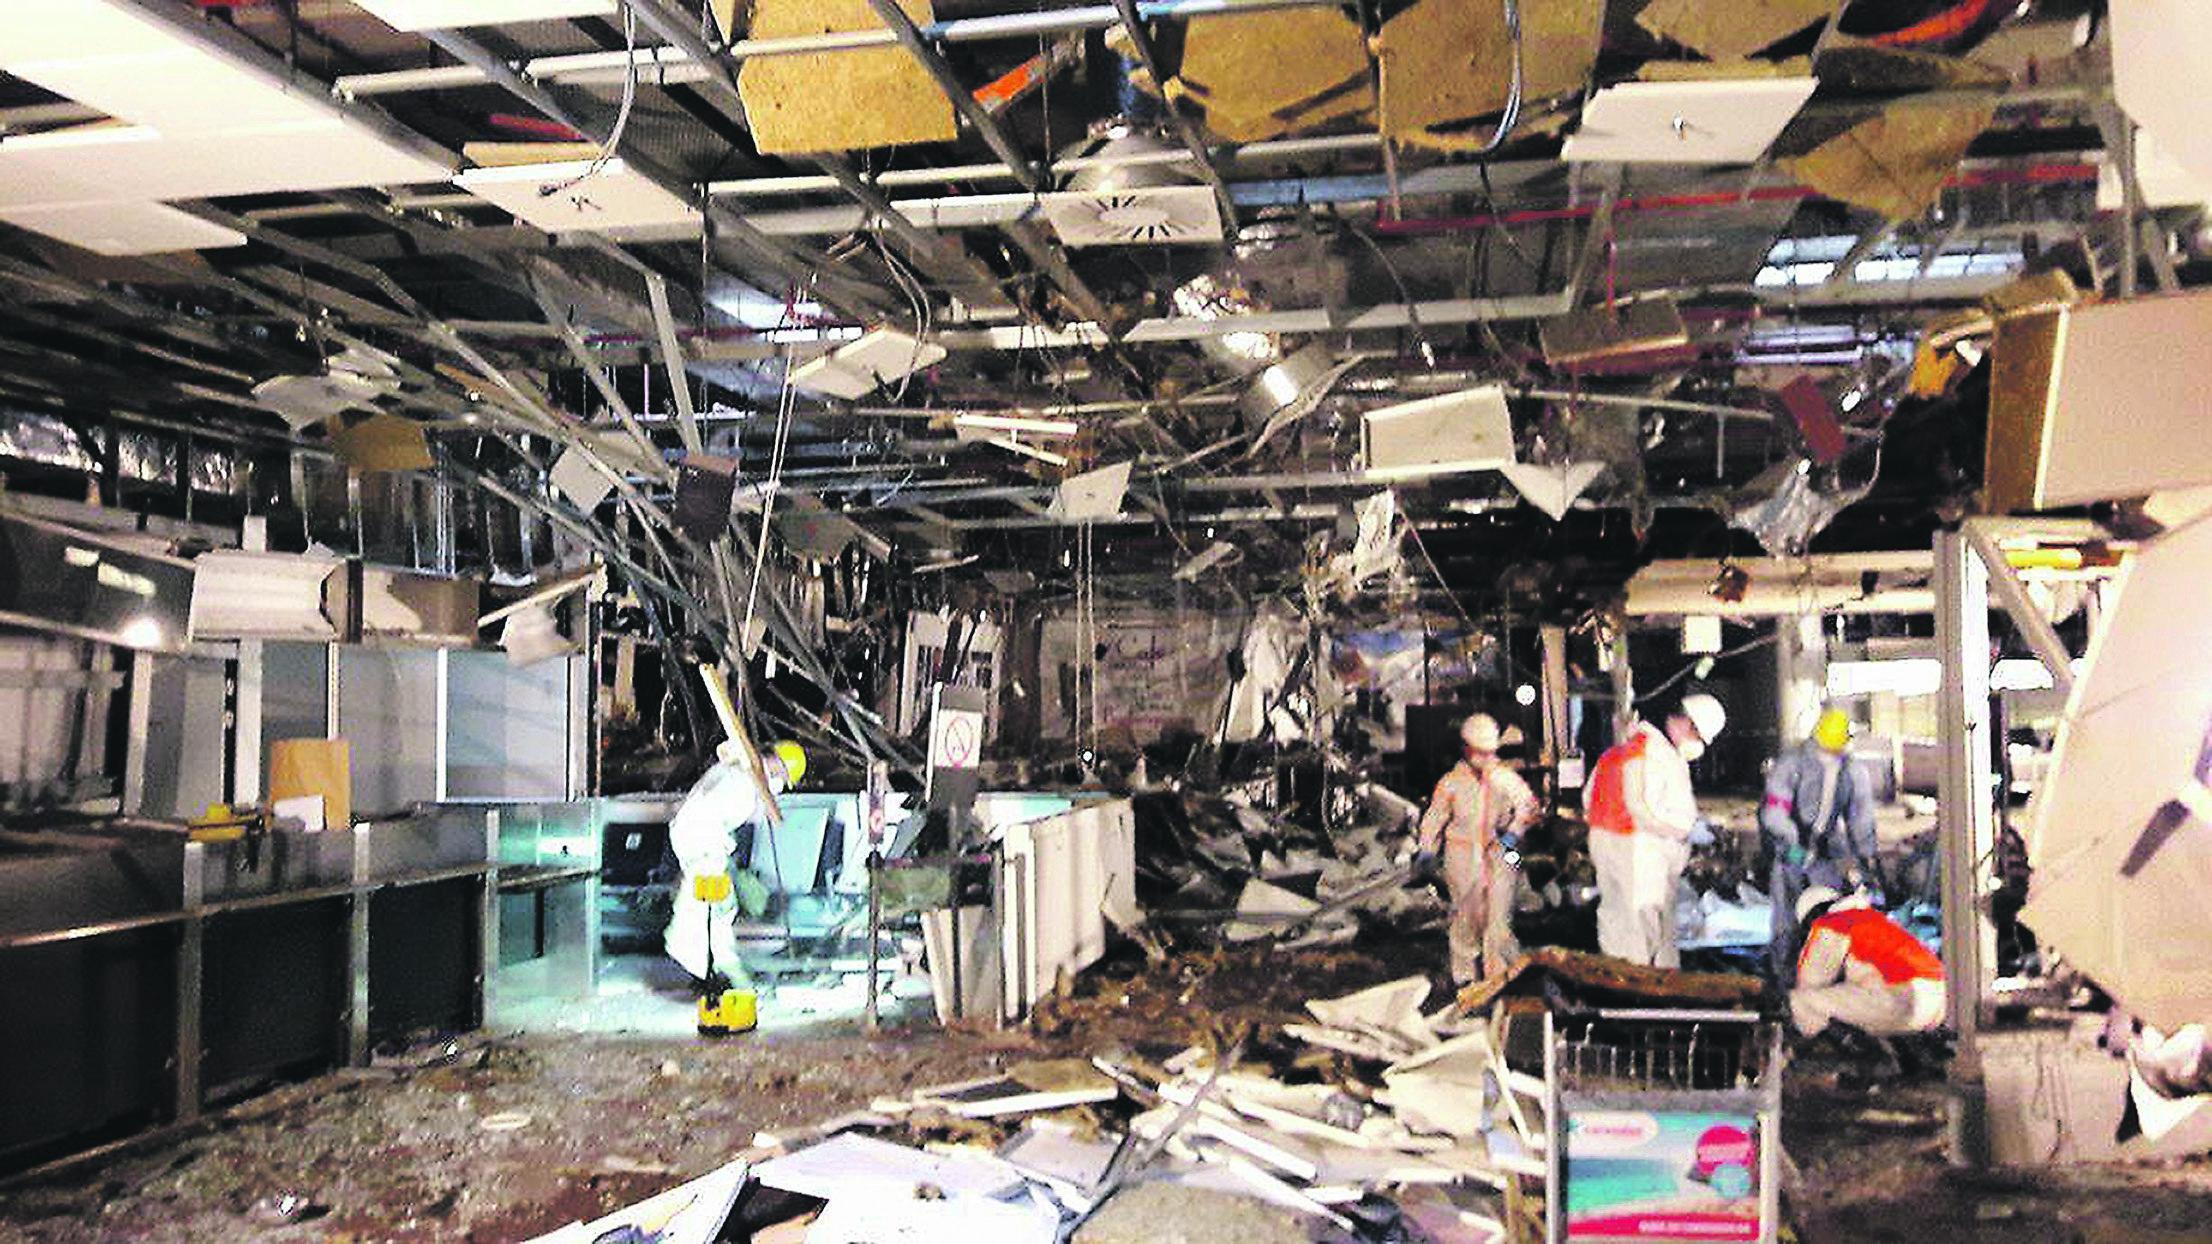 Attentato bruxelles le immagini dell aeroporto 24 ore for Interior zaventem